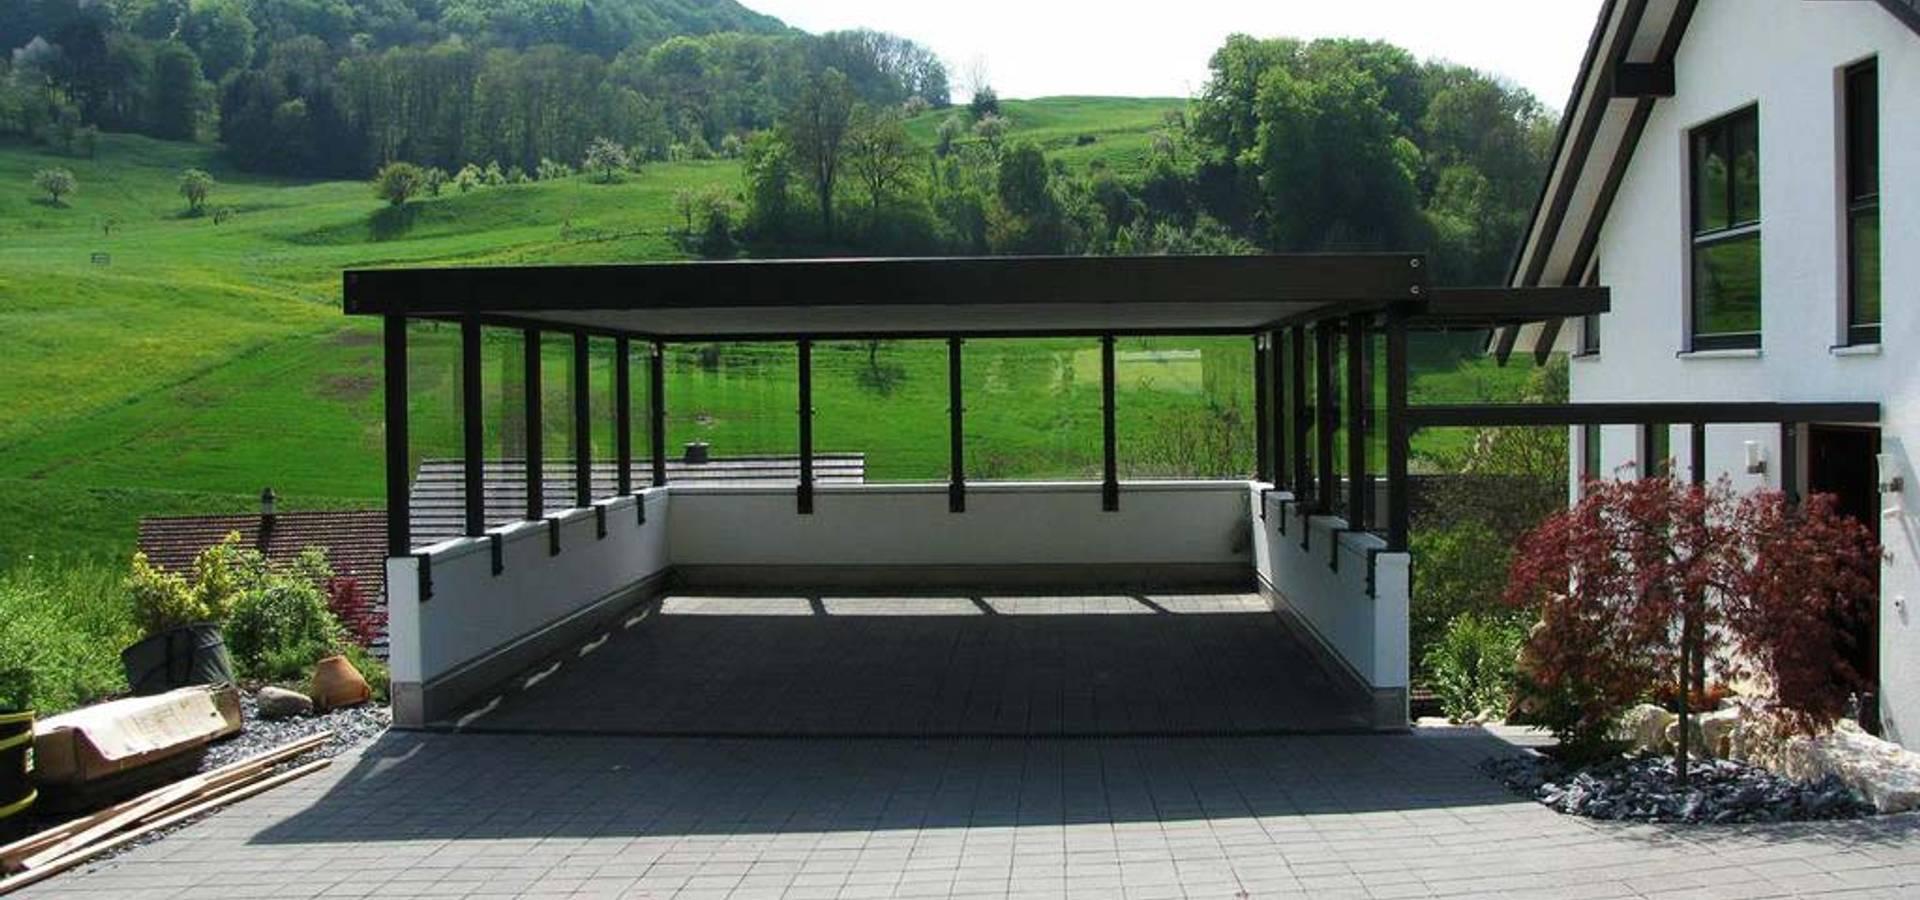 Sympathisch Zaun Design Galerie Von